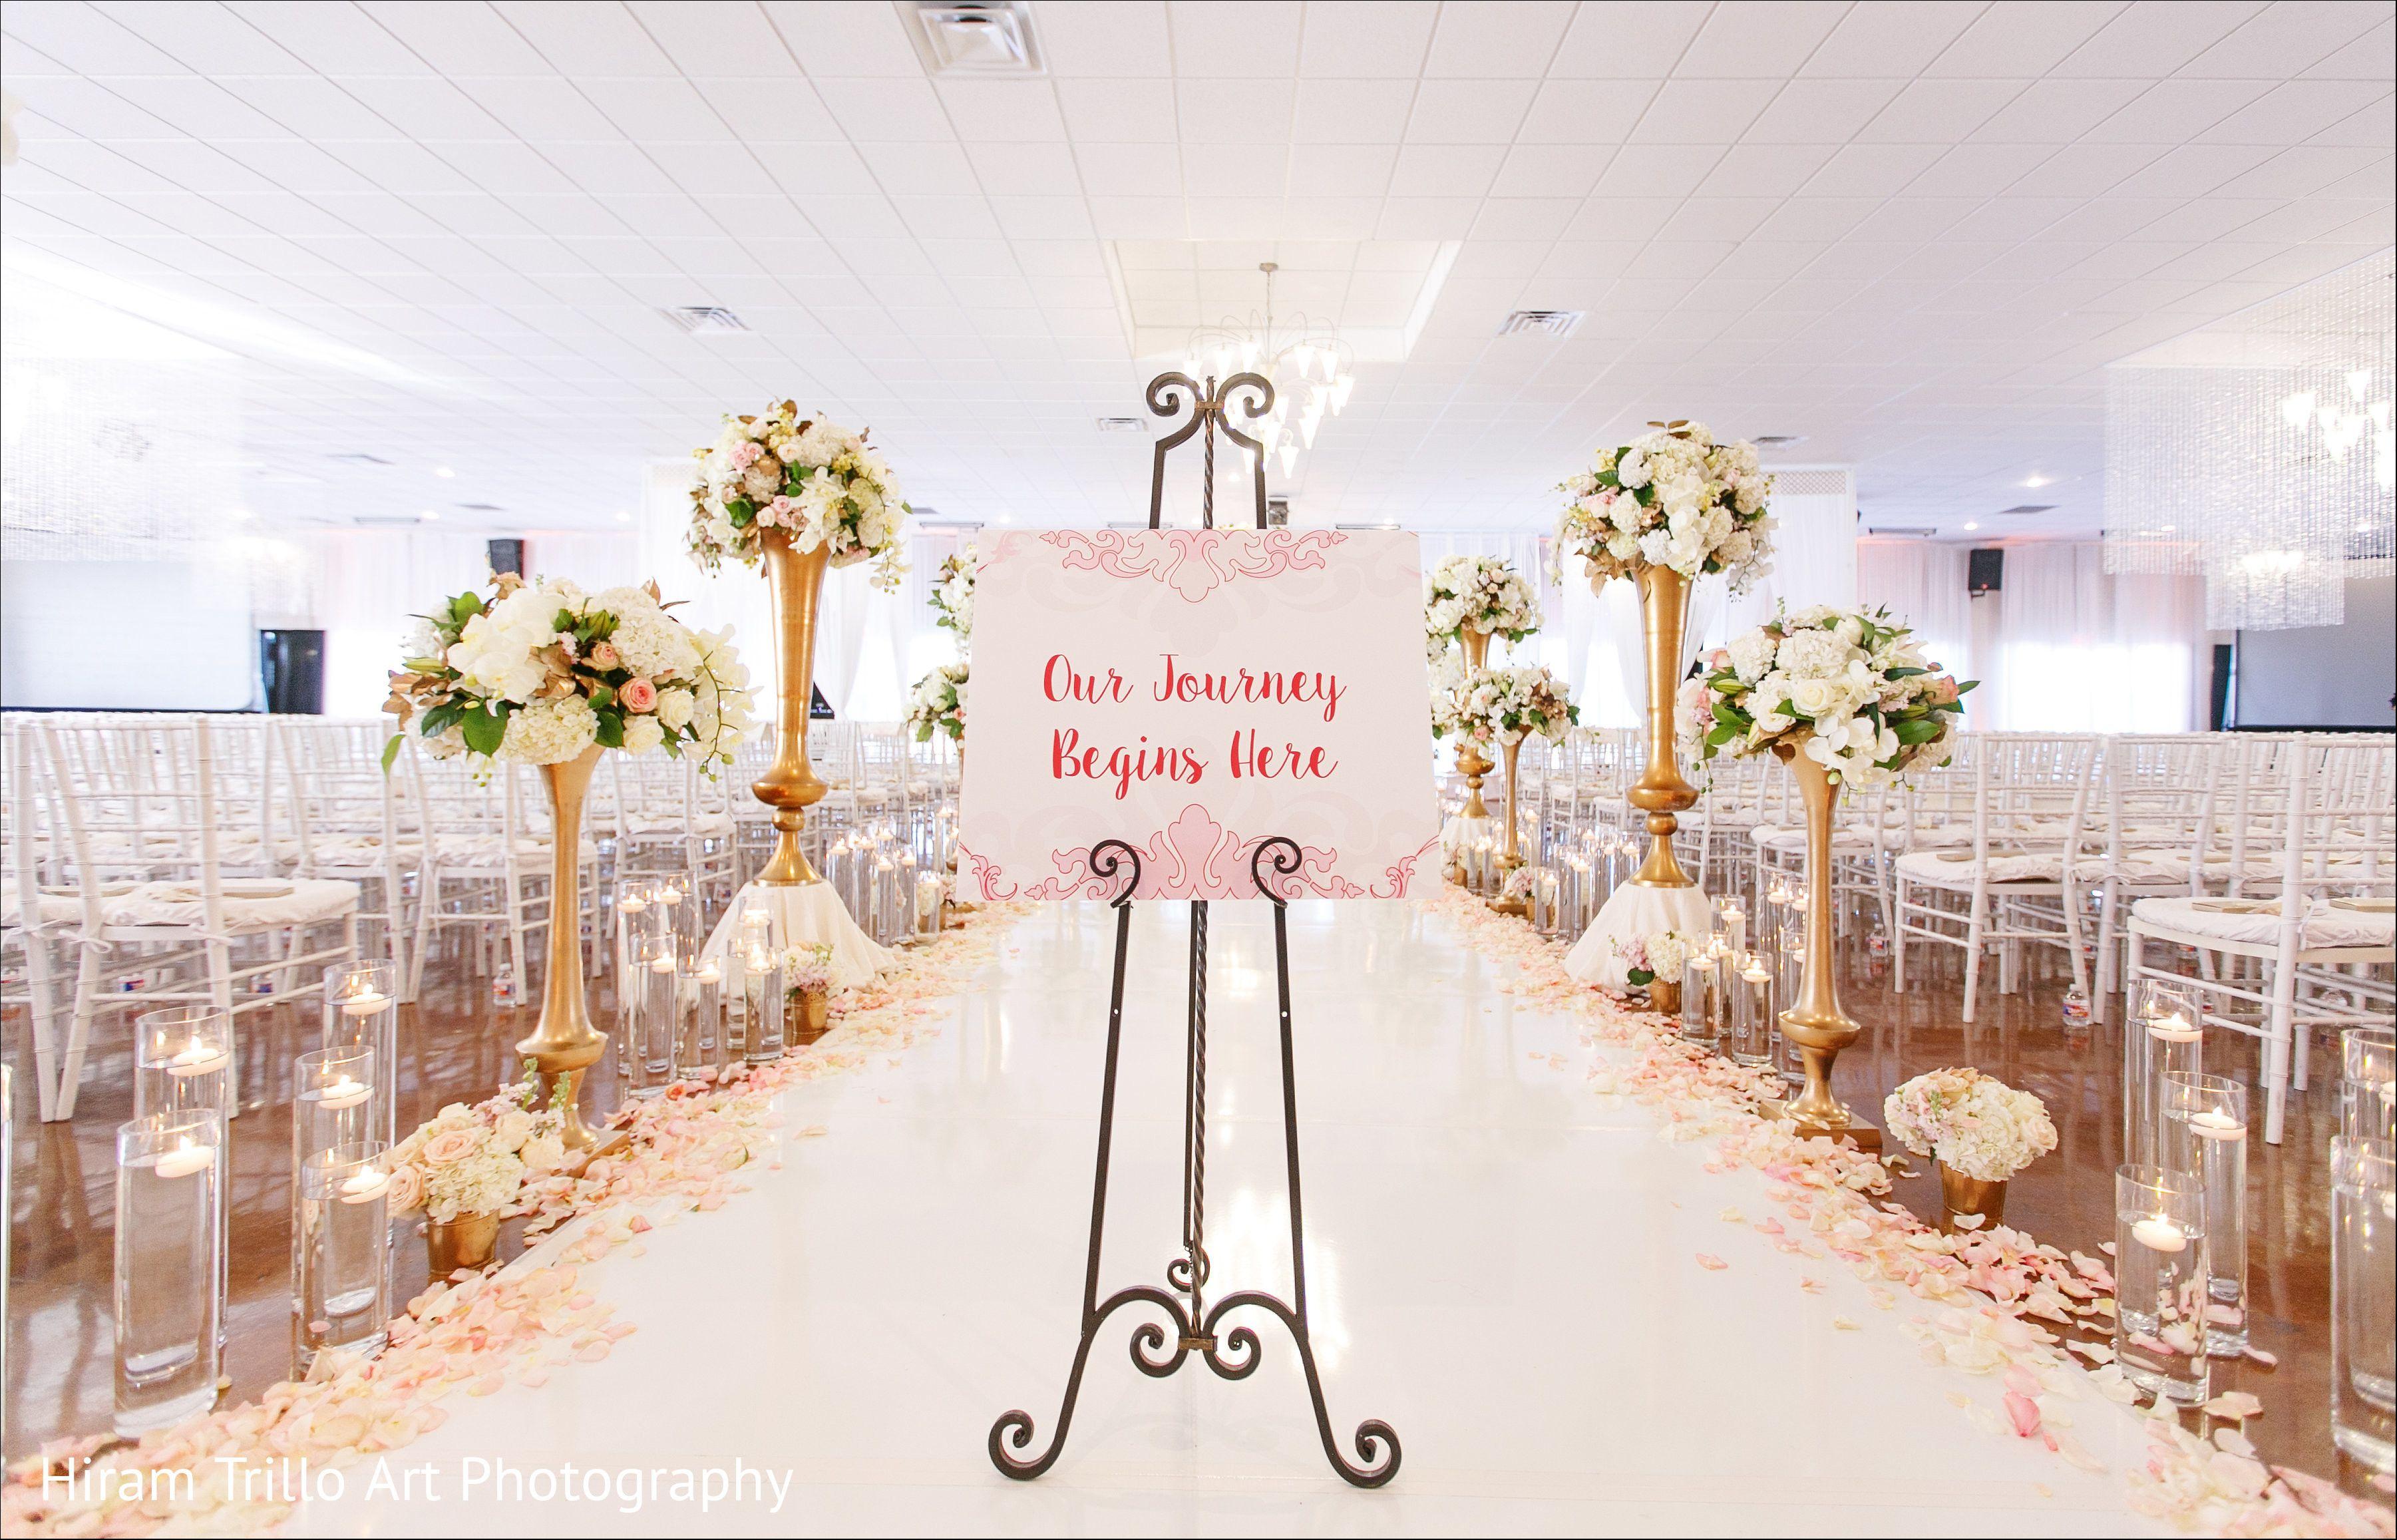 13+ Wedding reception venues el paso tx information